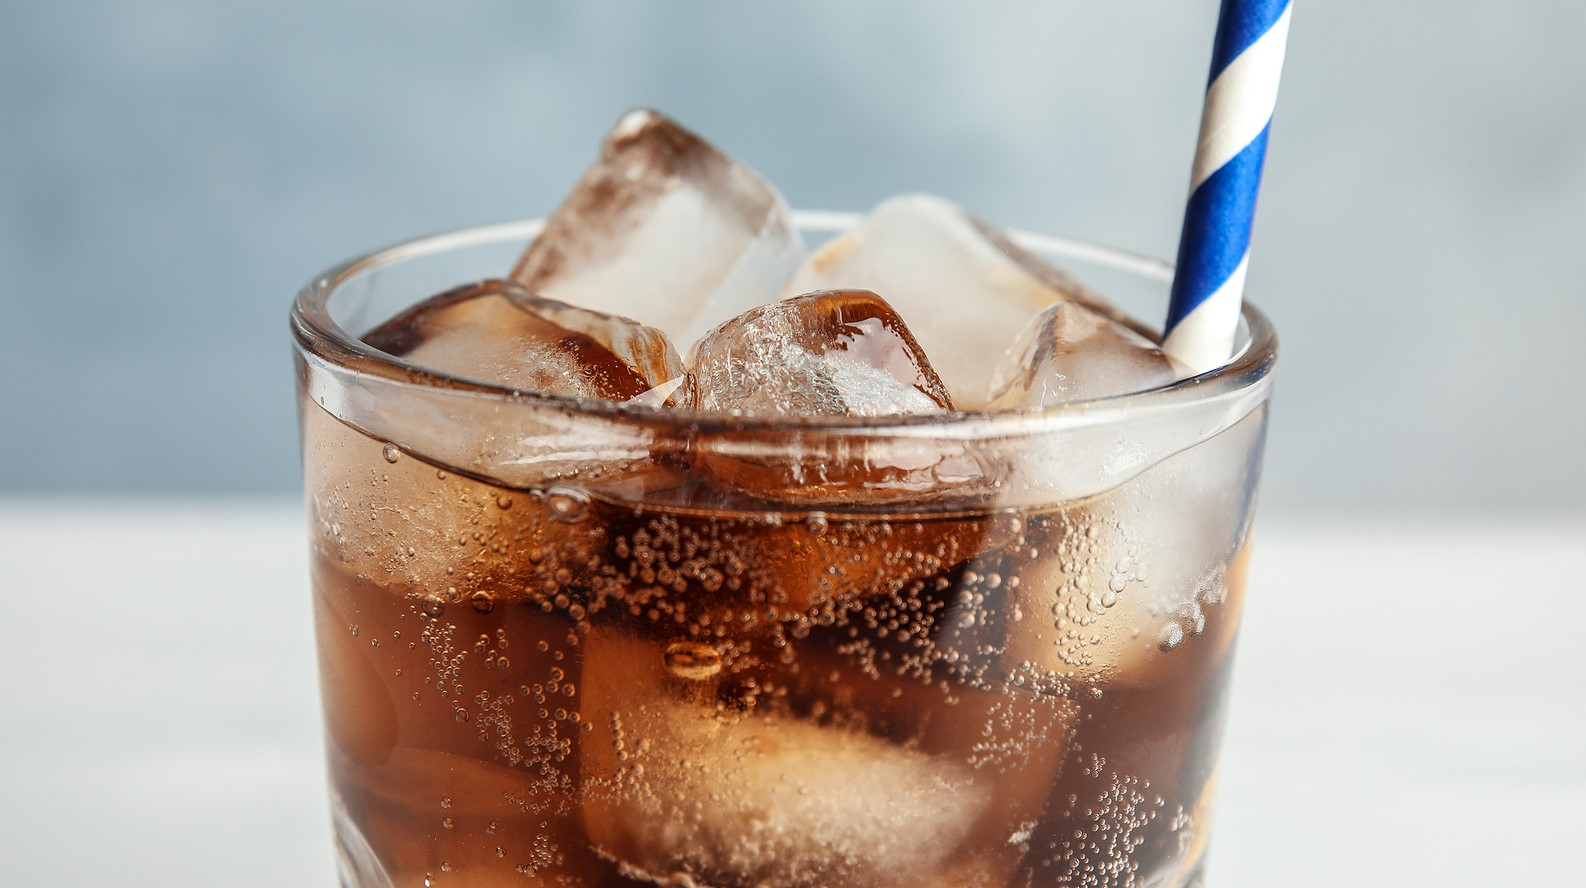 Polacy negatywnie oceniają podatek cukrowy